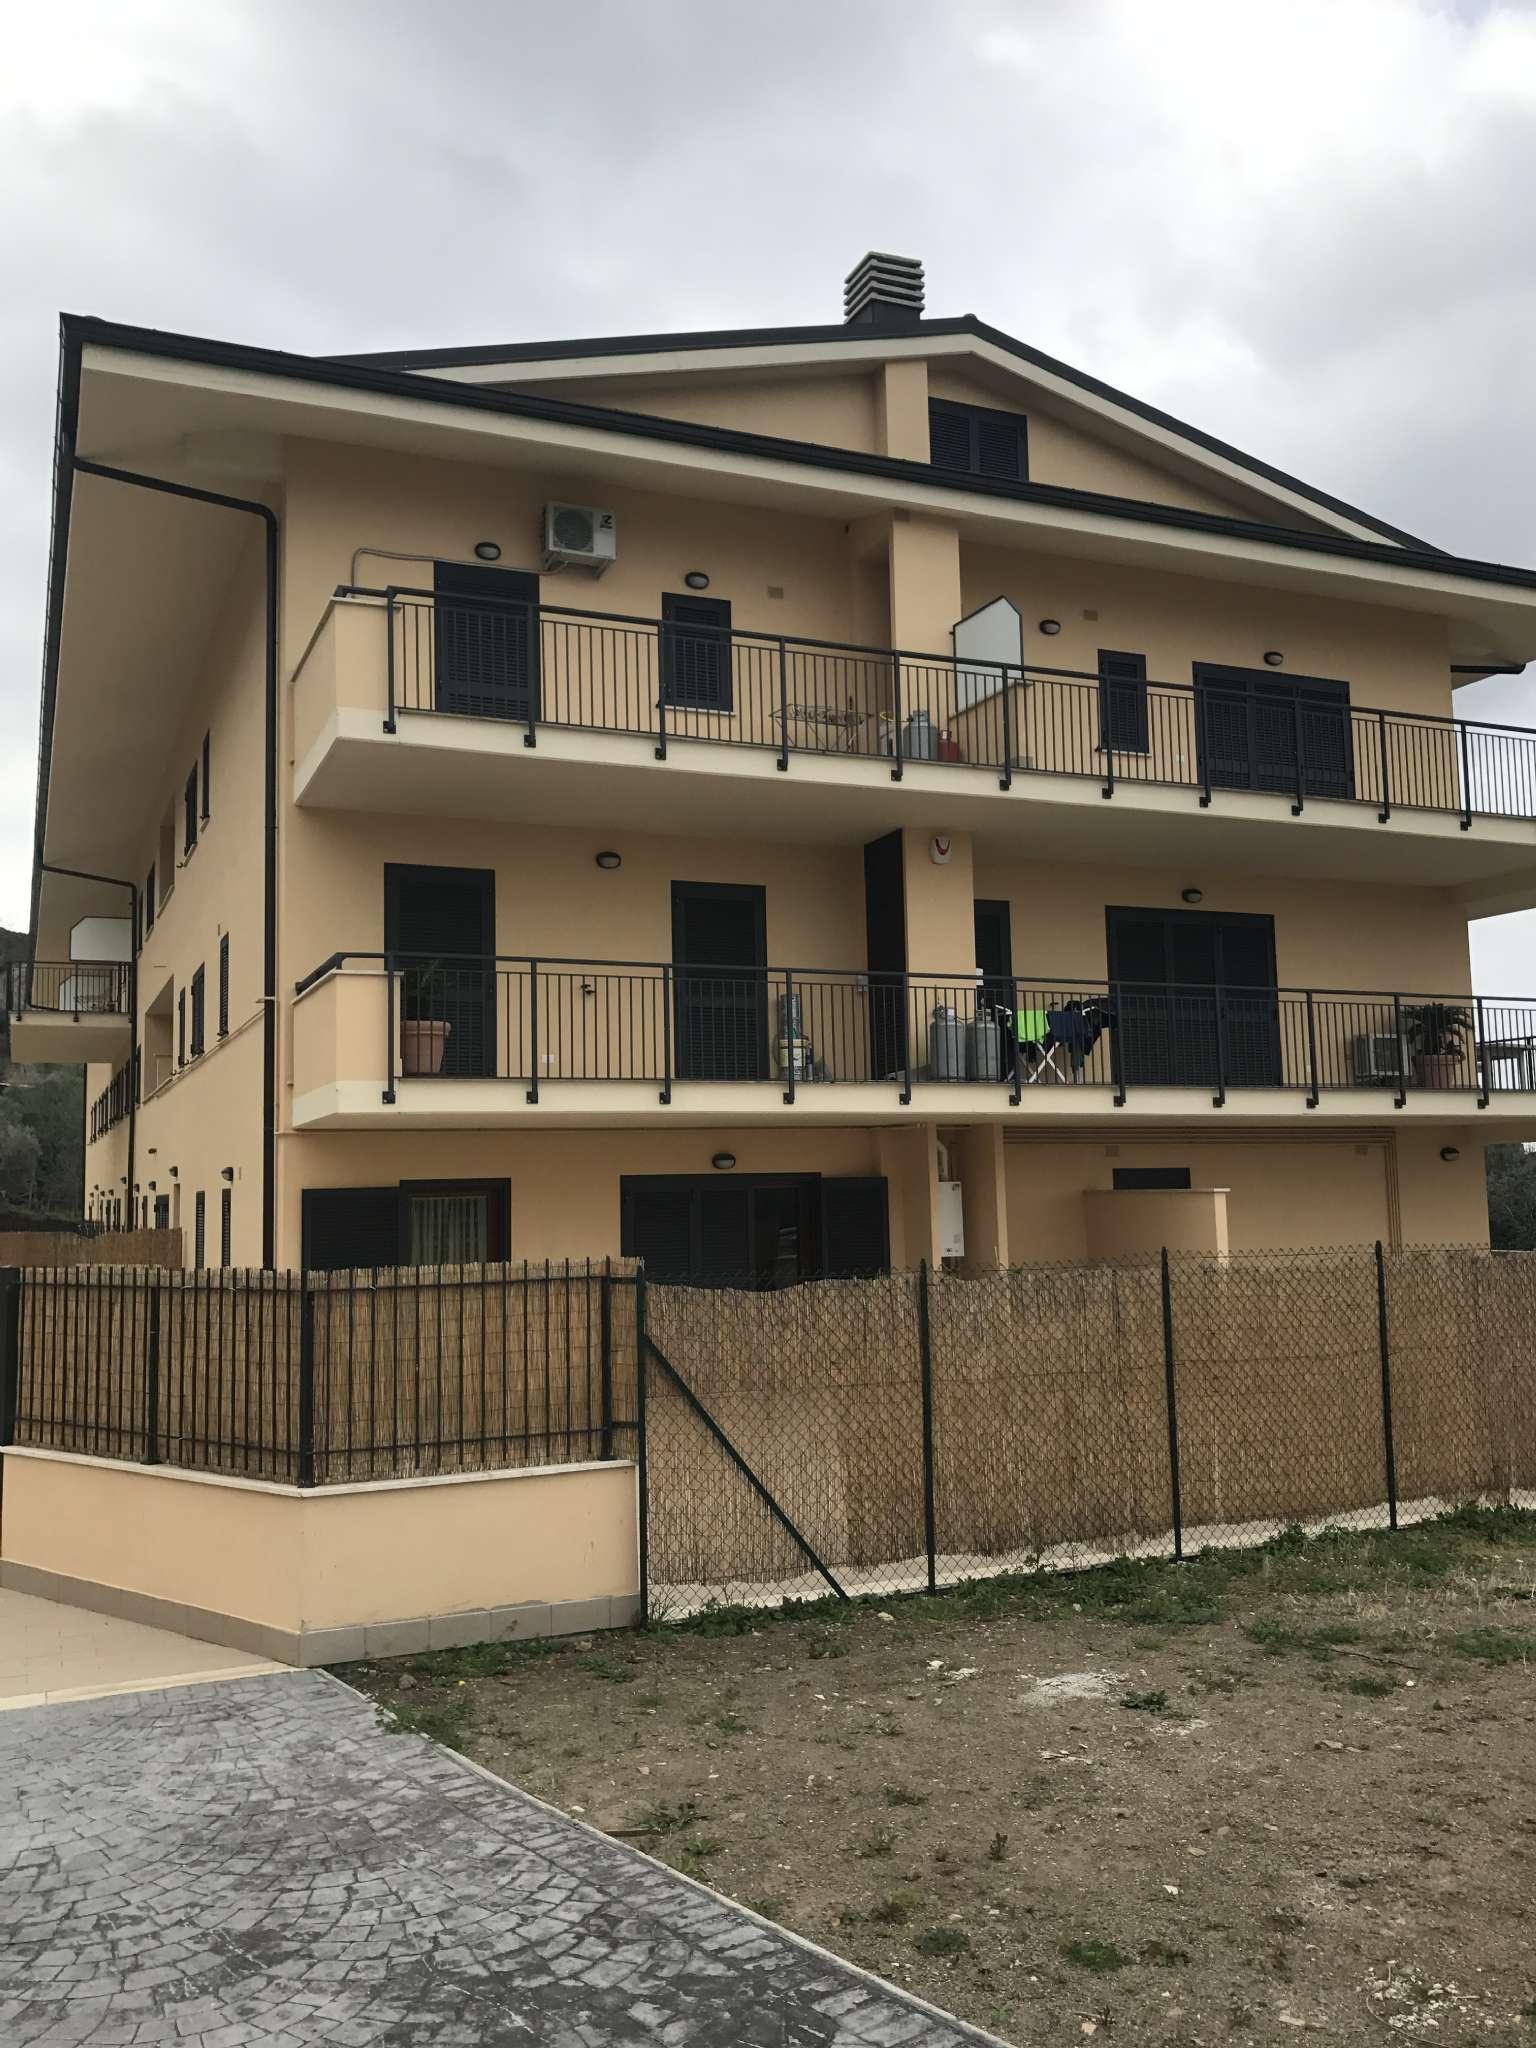 Appartamento in vendita a Grottaferrata, 3 locali, prezzo € 220.000 | CambioCasa.it